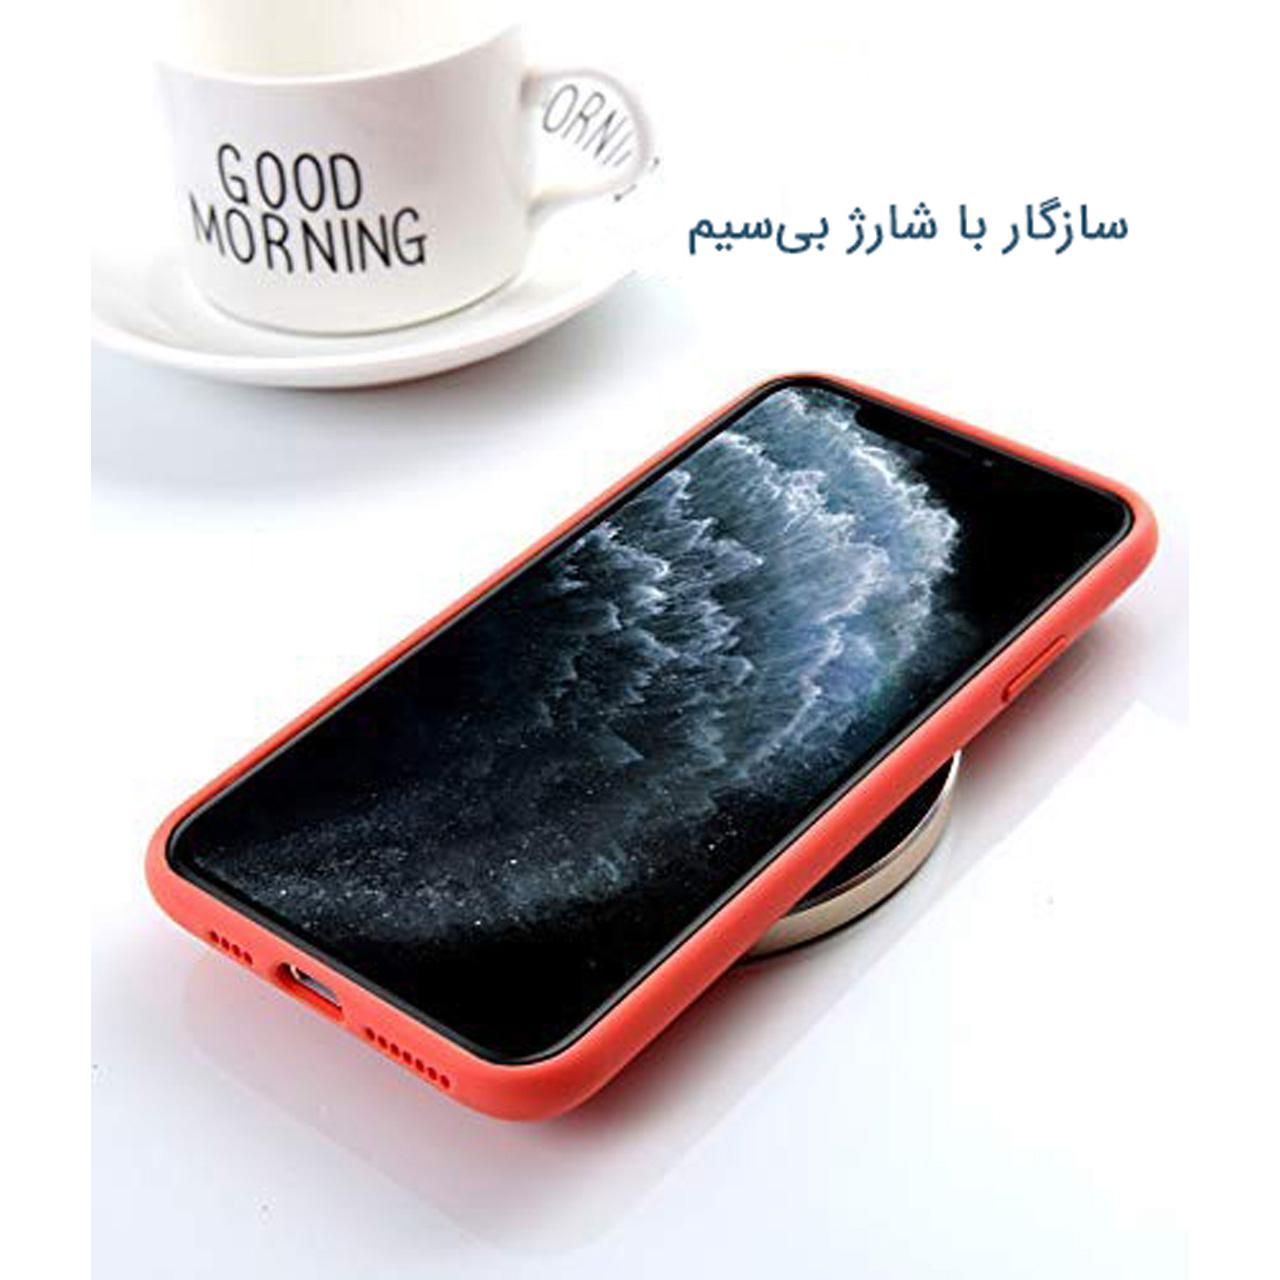 کاور وی کیس مدل Si01 مناسب برای گوشی موبایل اپل iPhone 11 Pro main 1 7